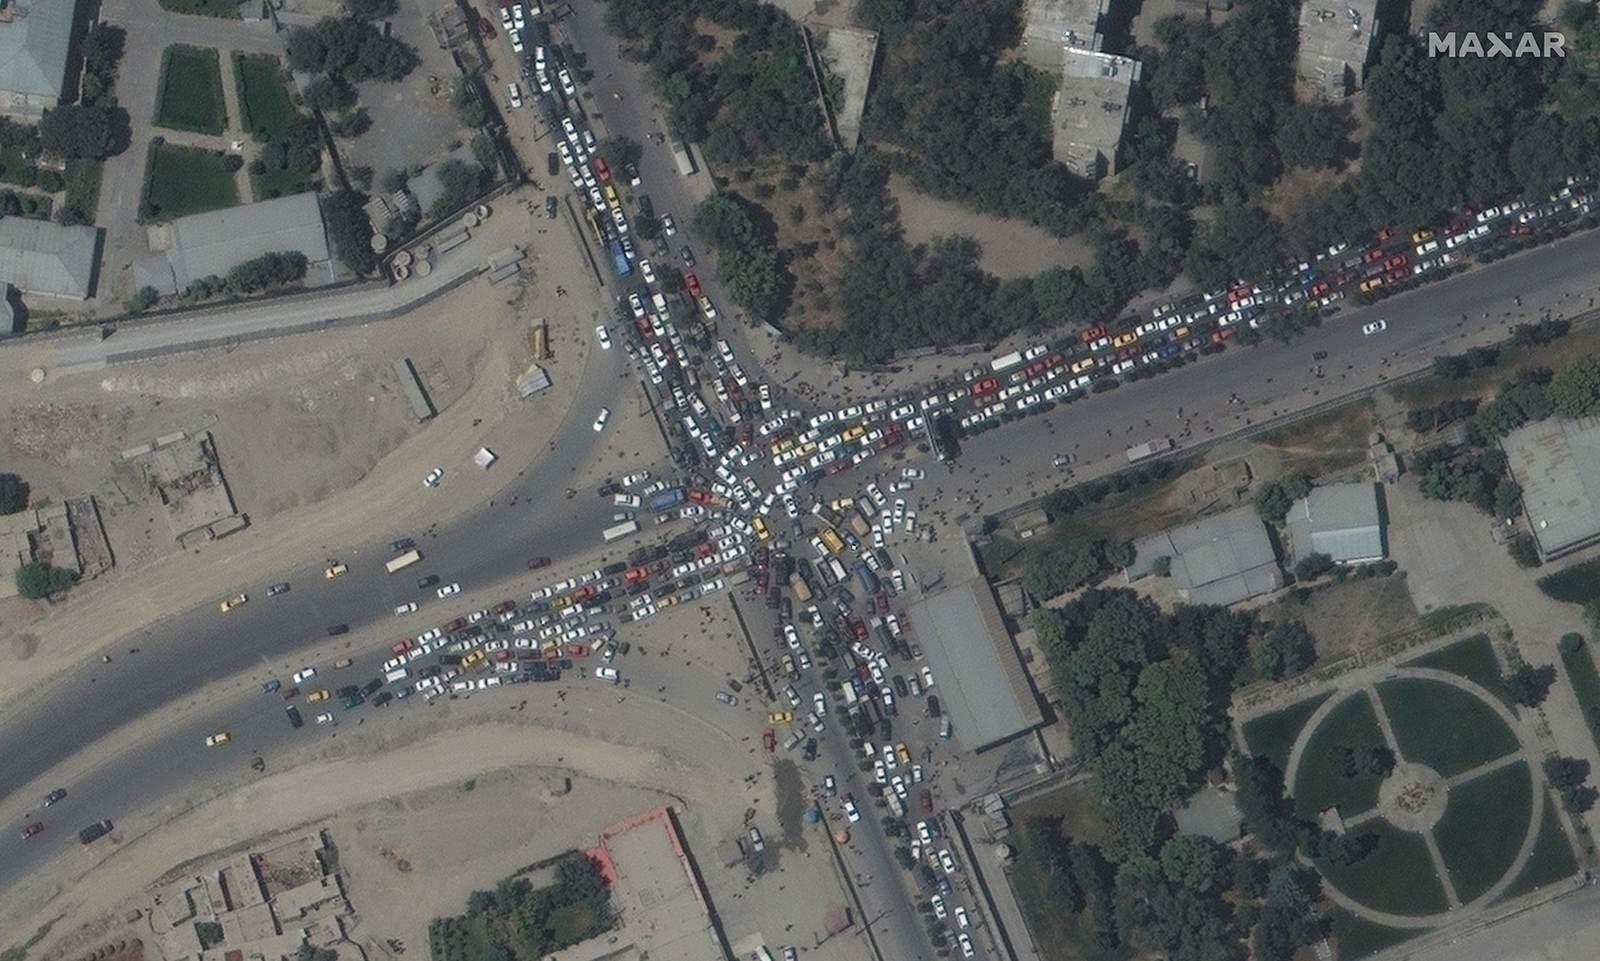 Engarrafamento é visto perto do aeroporto de Cabul, no Afeganistão/Maxar Technol